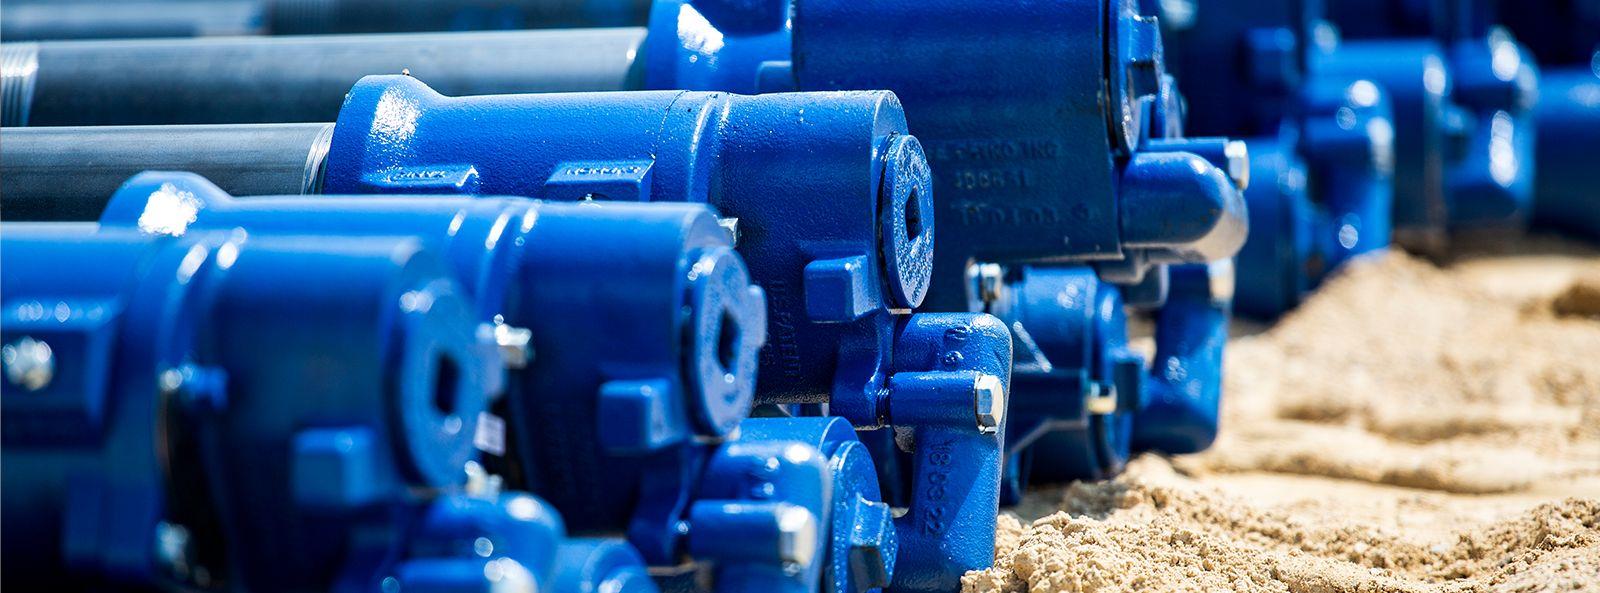 2HP Pumps - IFS Wide.psd